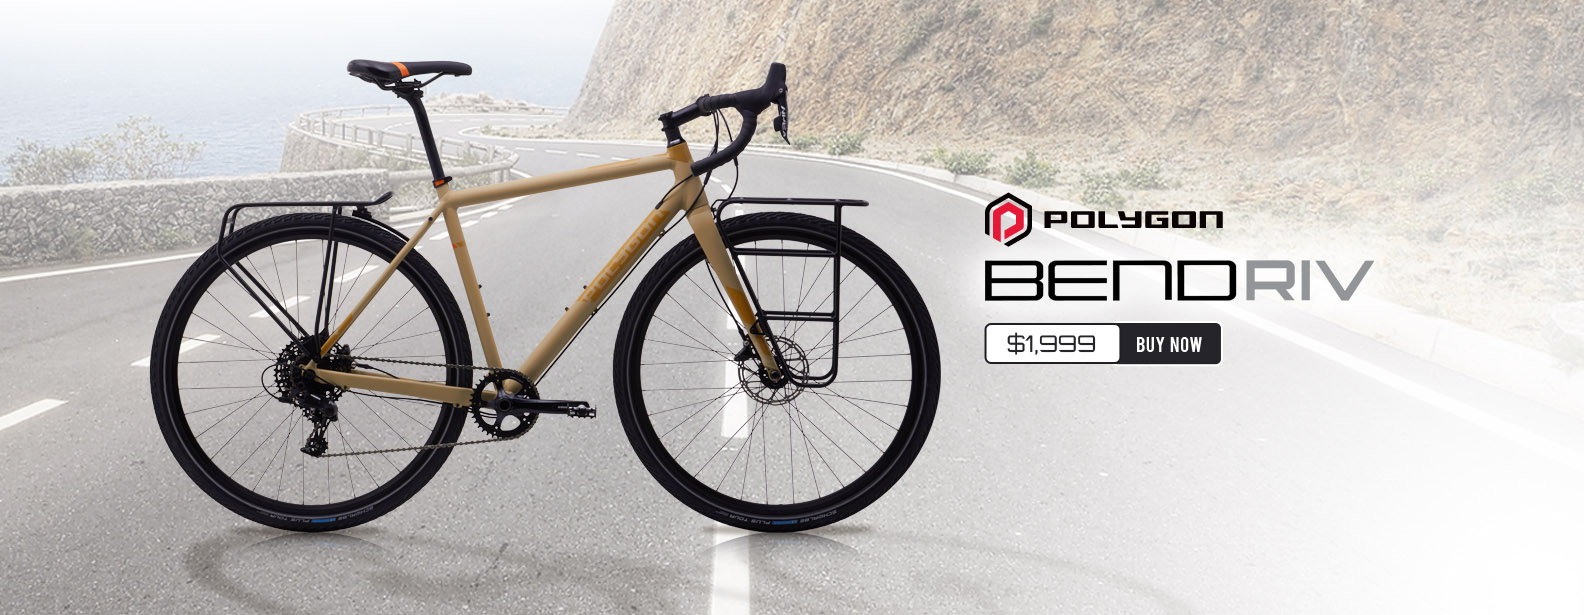 Polygon Bend RIV Touring Disc Road Bike